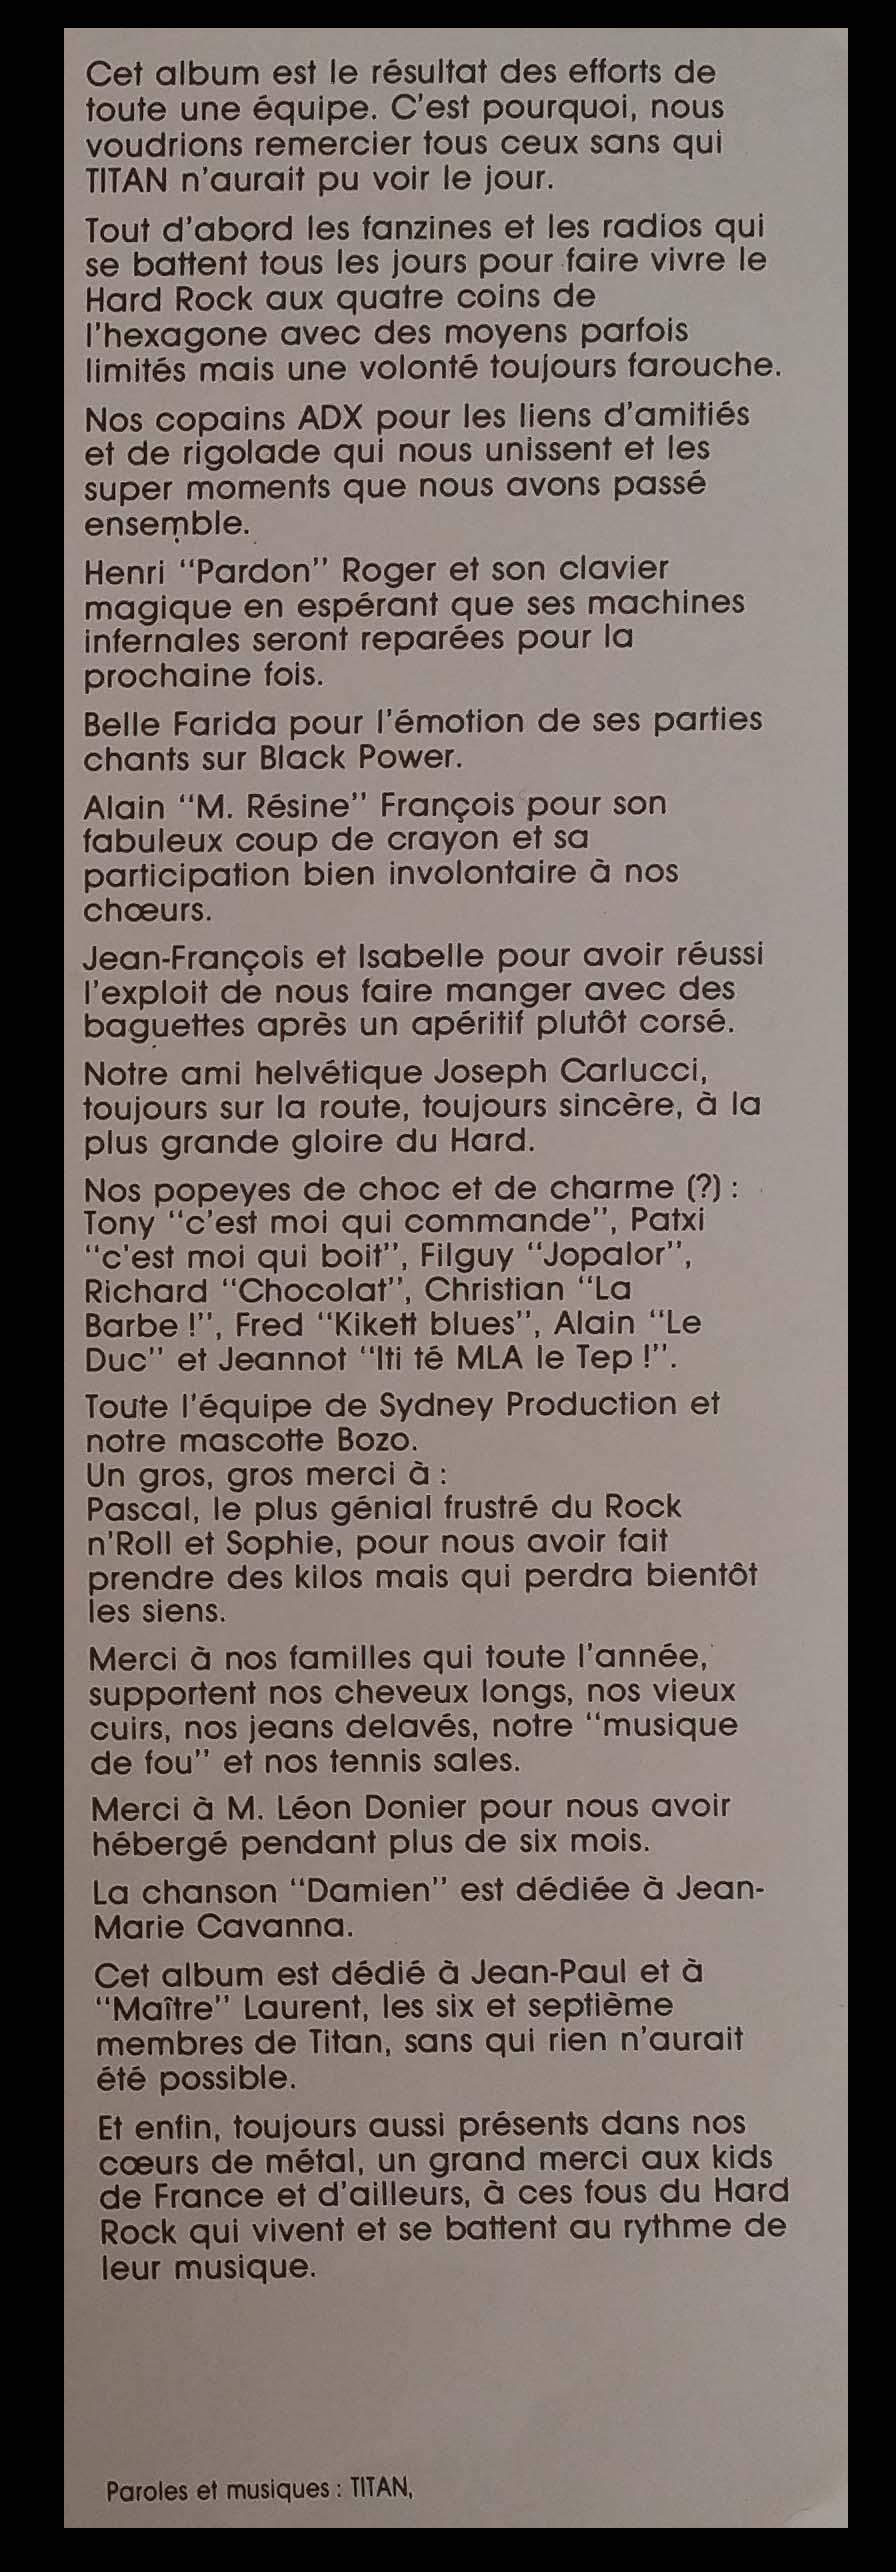 Paroles du premier album de TITAN (1986) 910